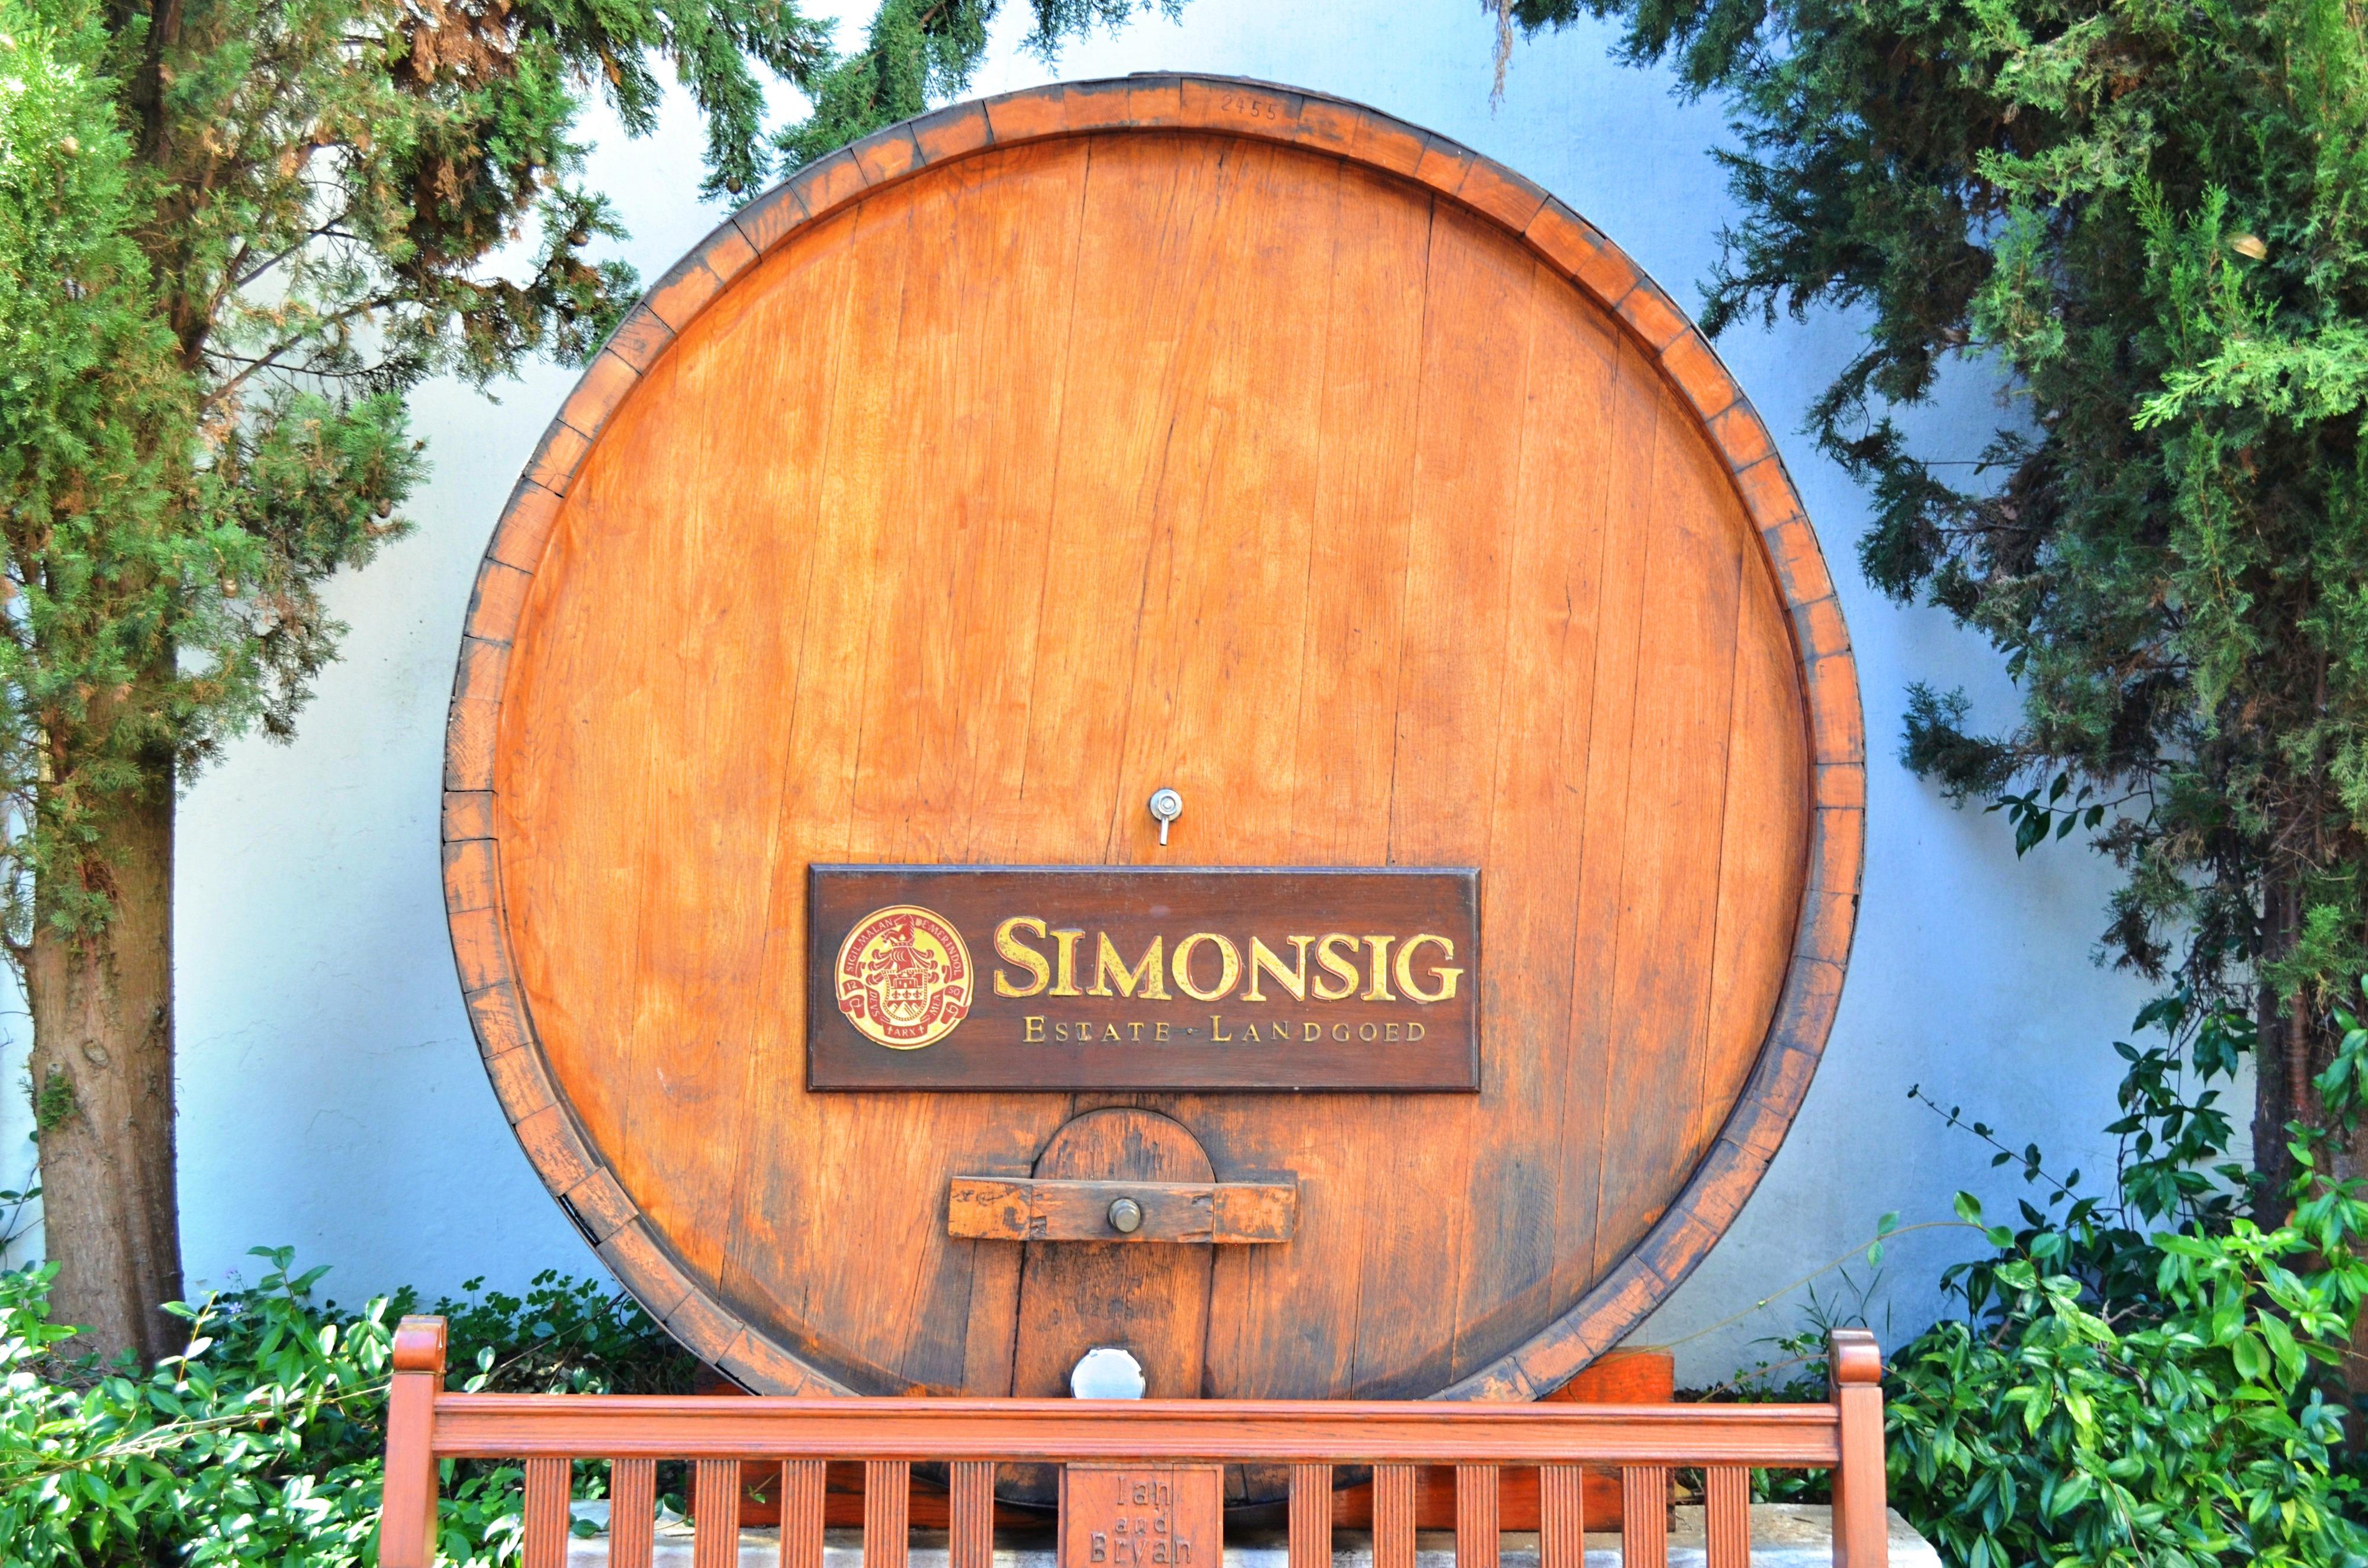 In Stellenbosch gibt es zahlreiche Weingüter, auf denen du die köstlichen Weine Südafrikas verkosten kannst.